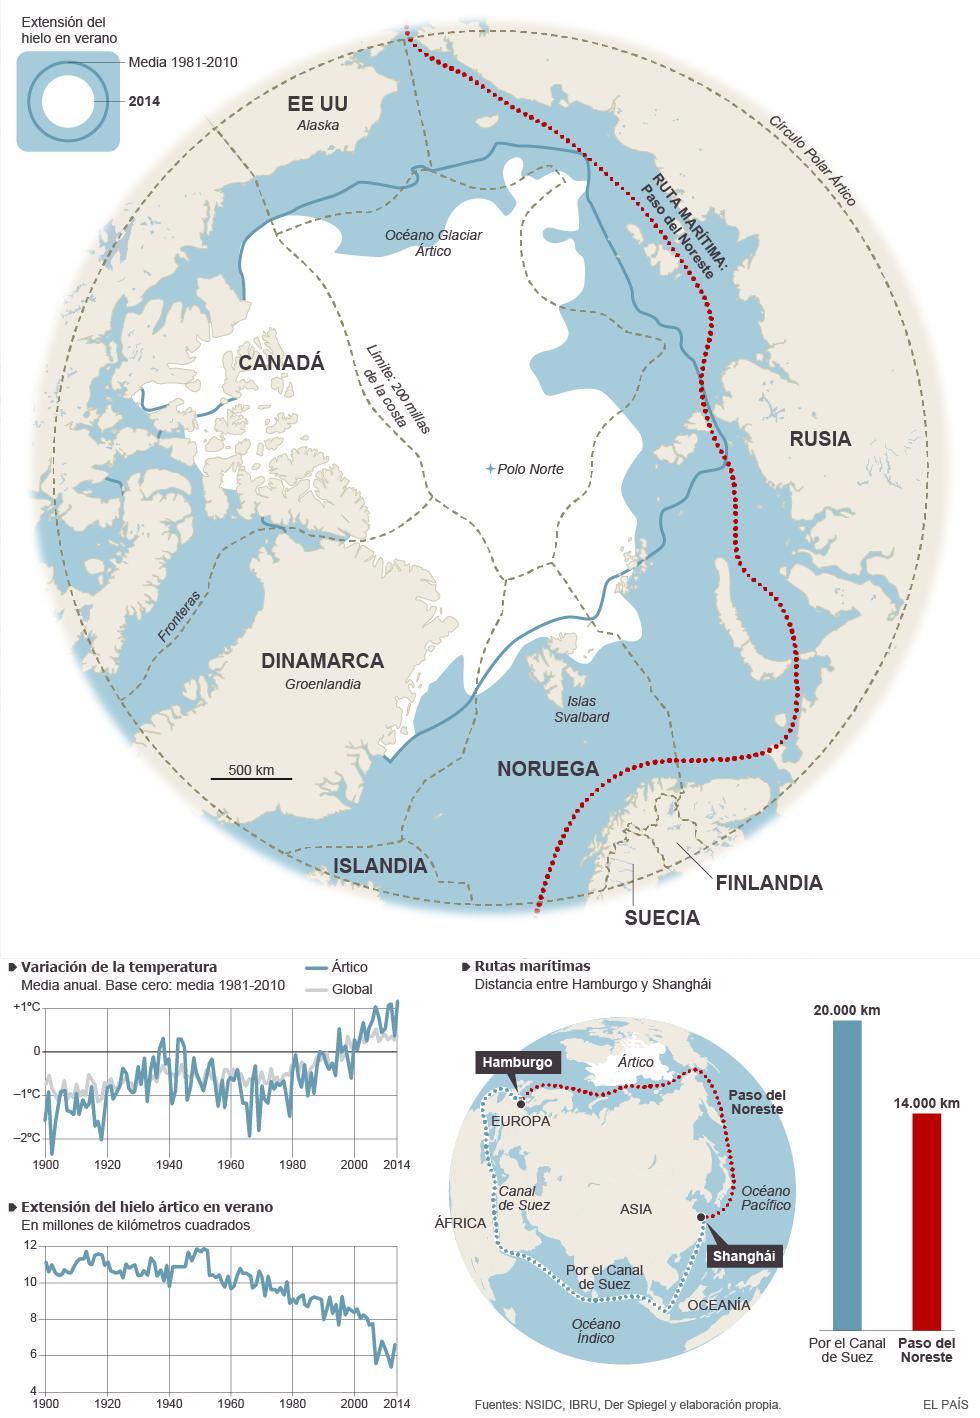 Ártico: La batalla por los recursos (petróleo, paso del noreste...). Noruega, Rusia, EEUU, Canadá, Dinamarca. - Página 2 1428004756_088443_1428165192_noticia_normal